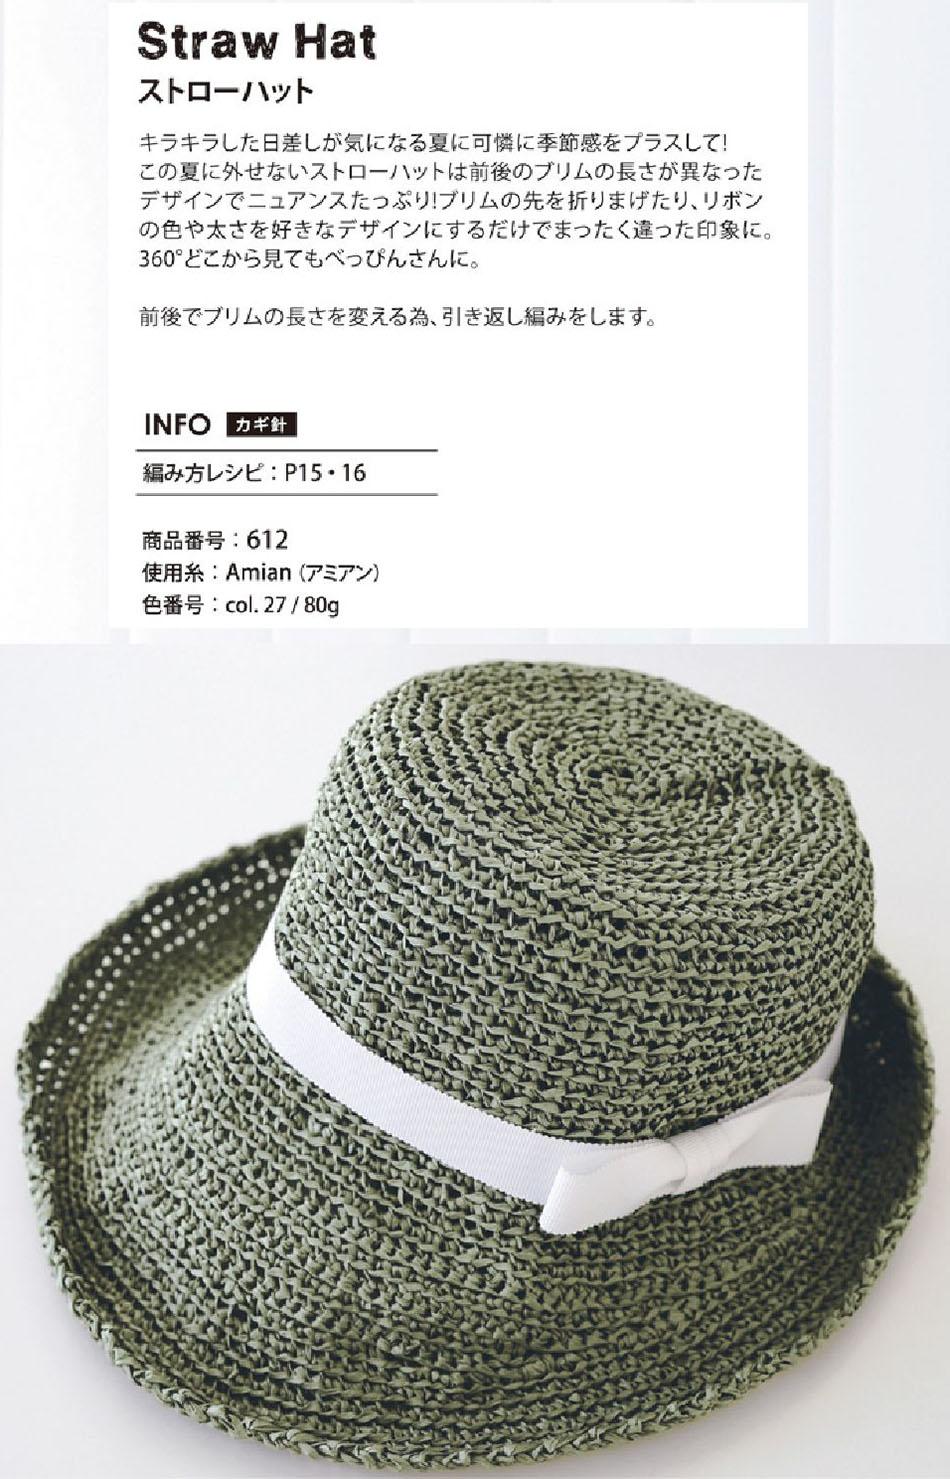 Straw hat crochet pattern